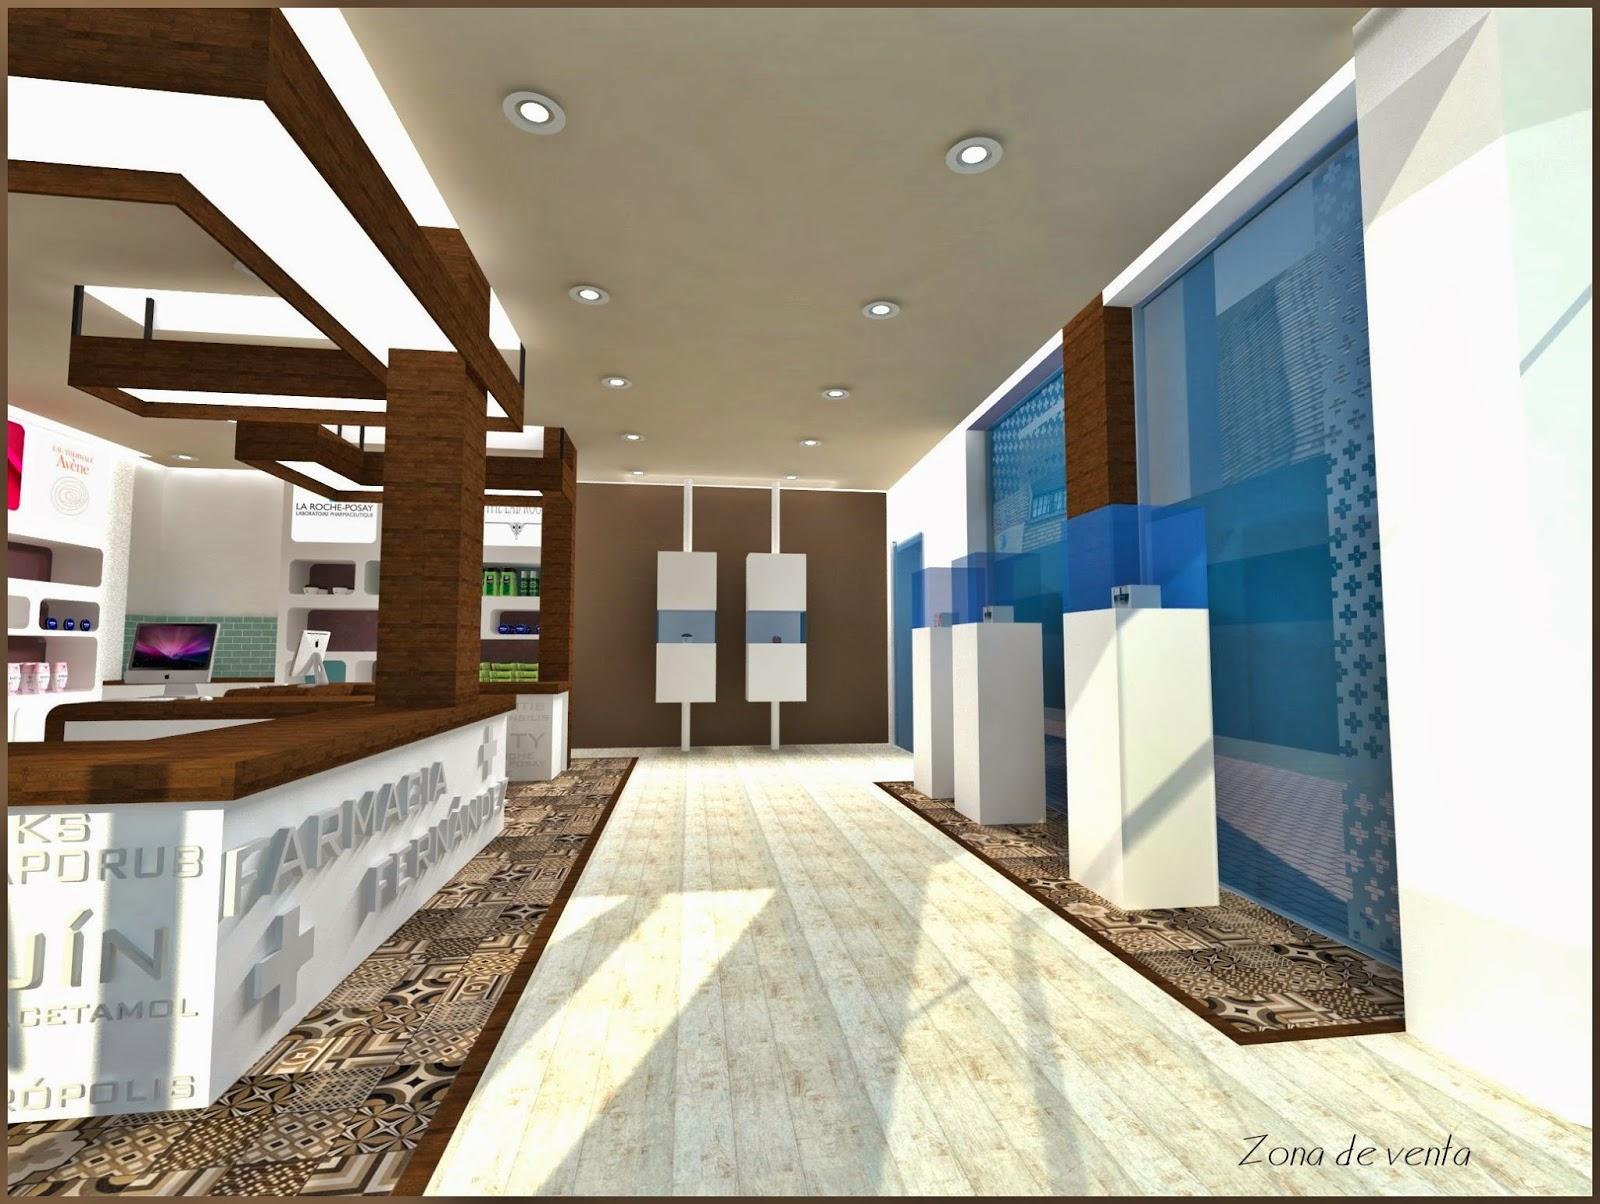 Dise o de interiores escuela de arte de motril 3 for Murales diseno de interiores